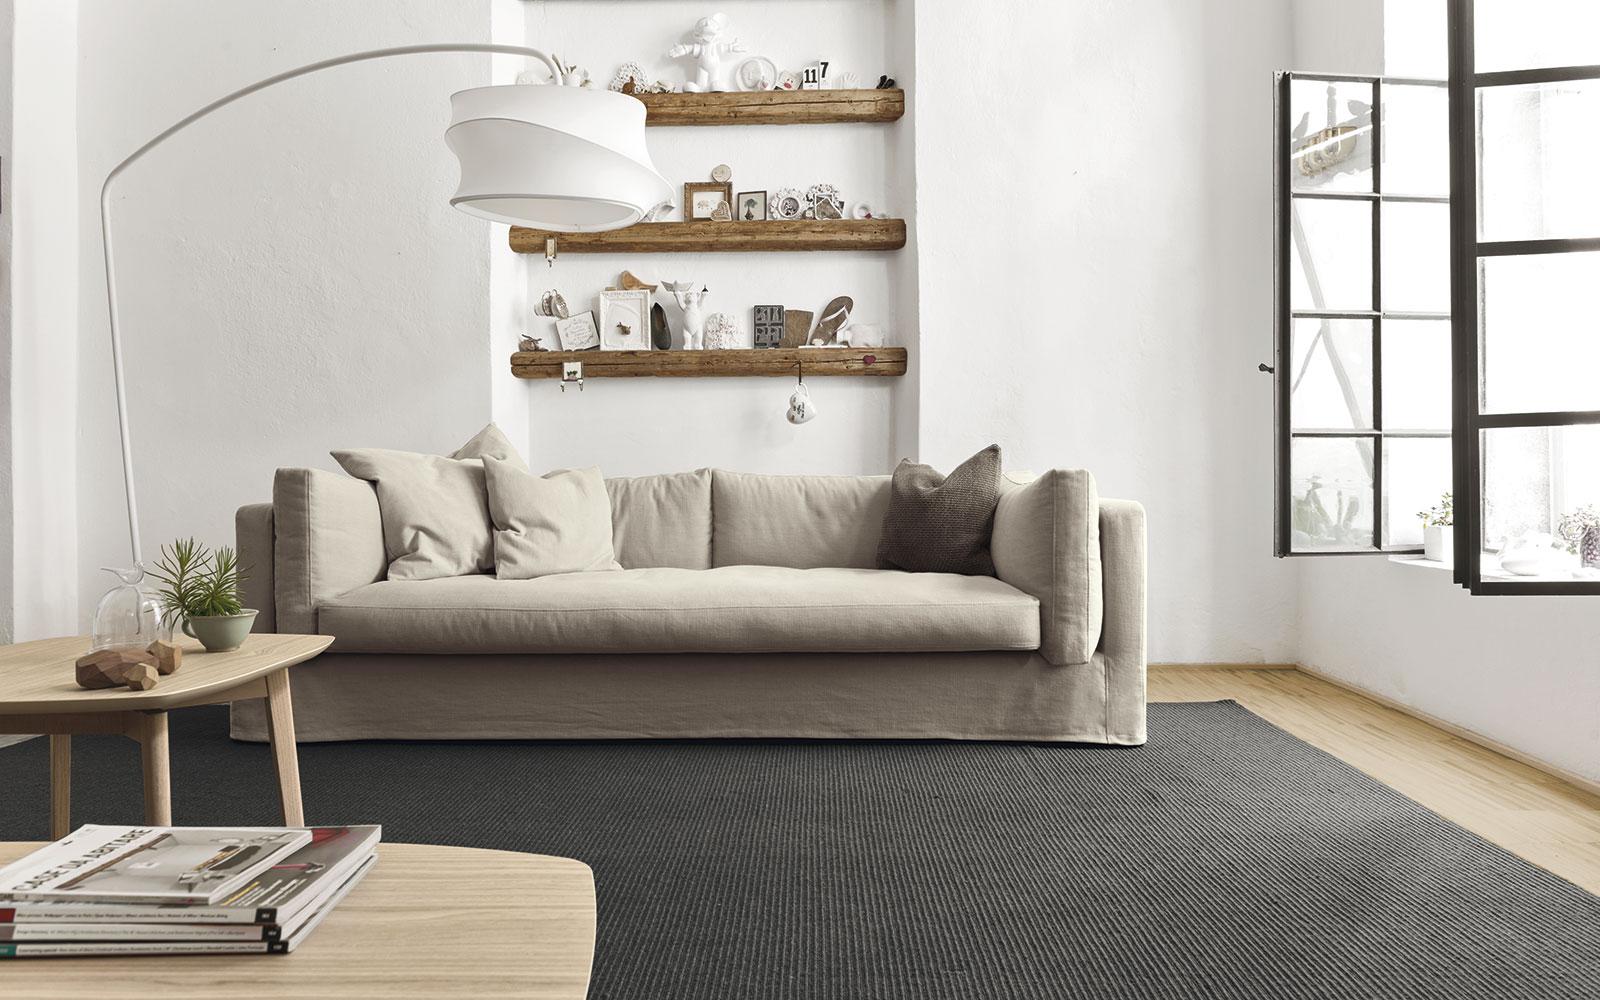 Divano rosso mondo convenienza con divano letto angolare mondo